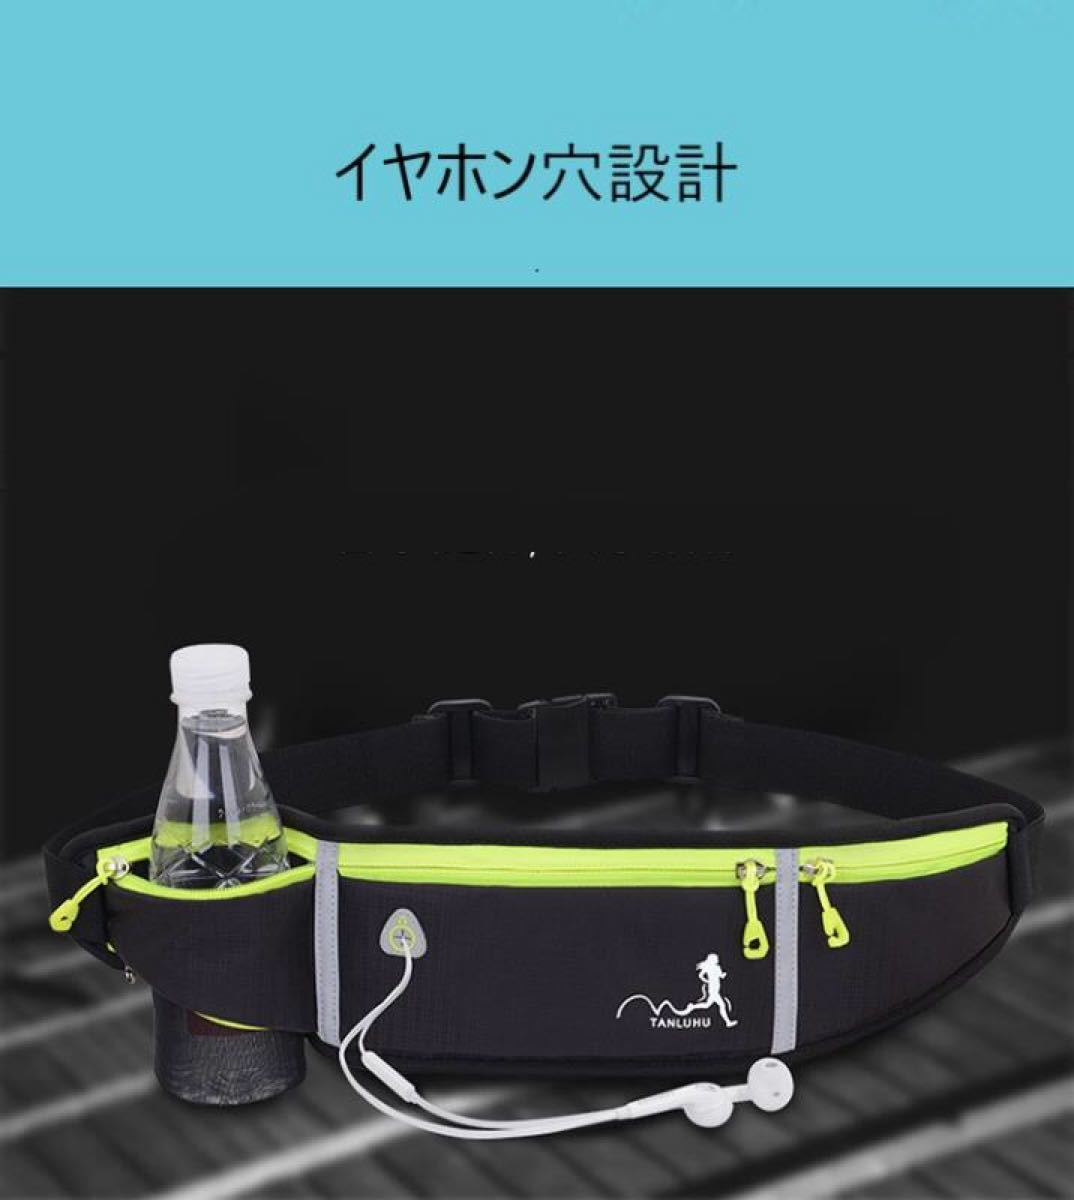 ランニング マラソン ランニングポーチ ウエストポーチ 防水 バッグ ブラック